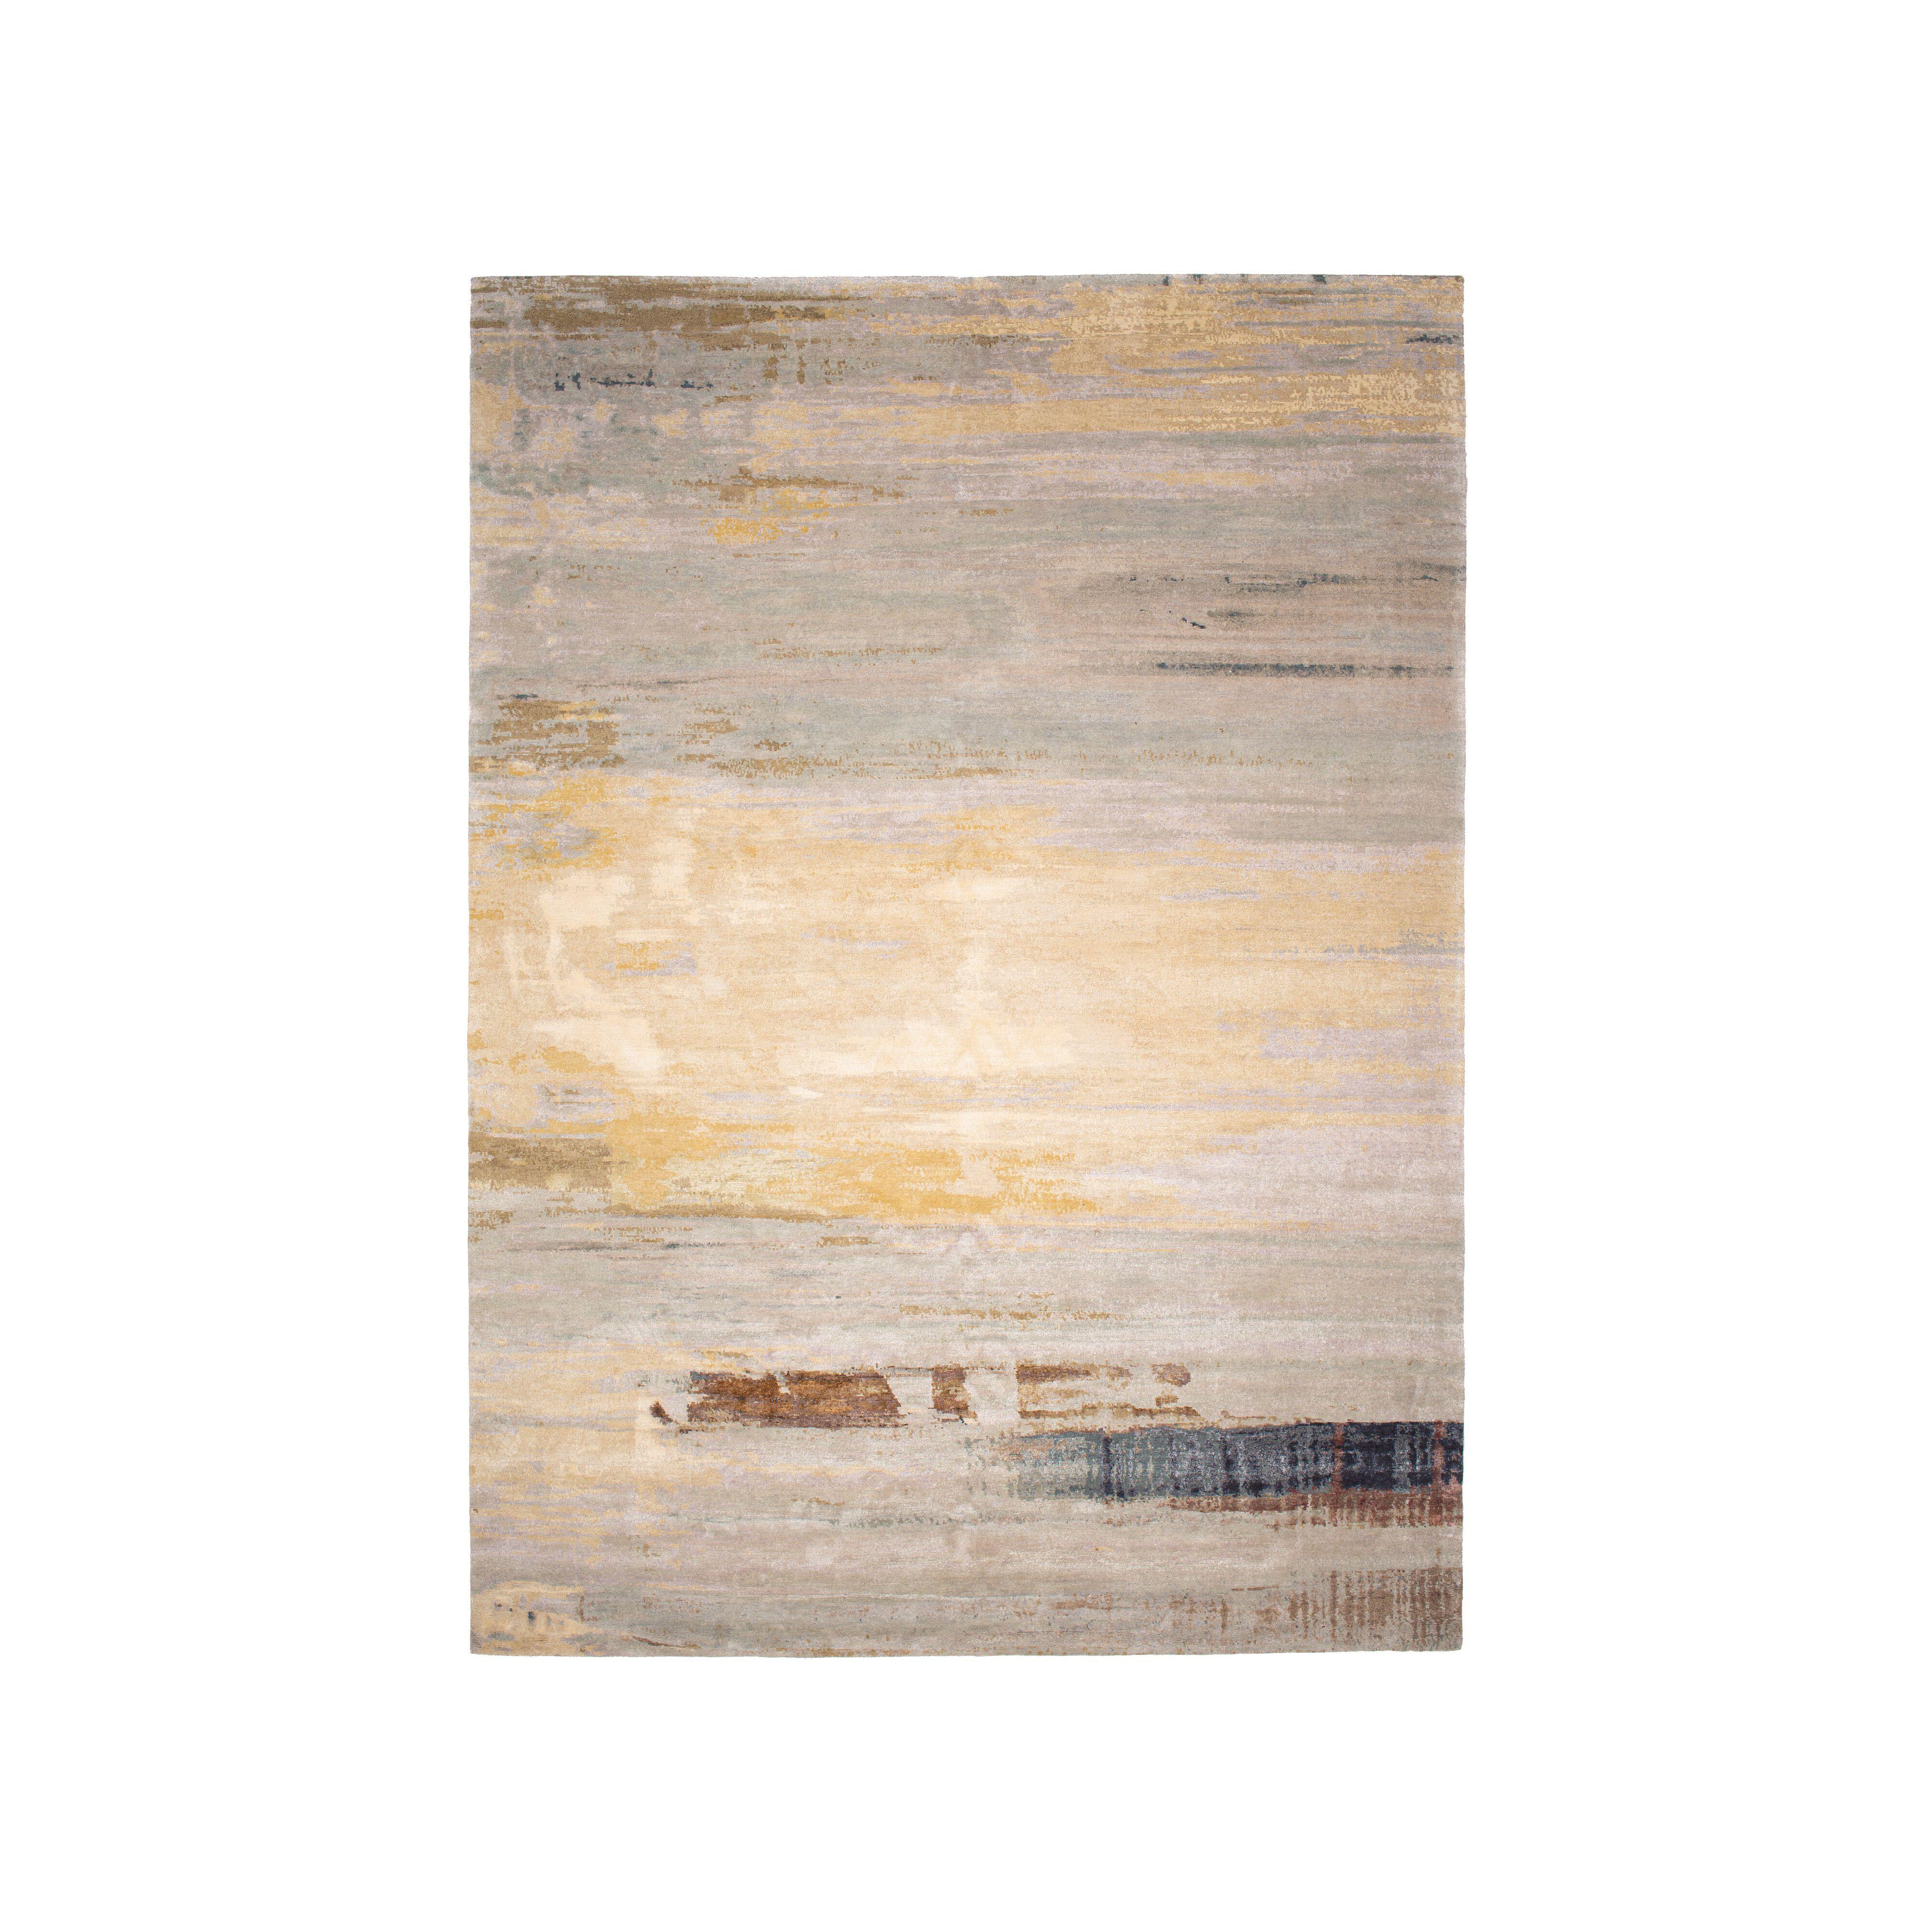 WK-Legends_of_carpets_Tembea-001.tif